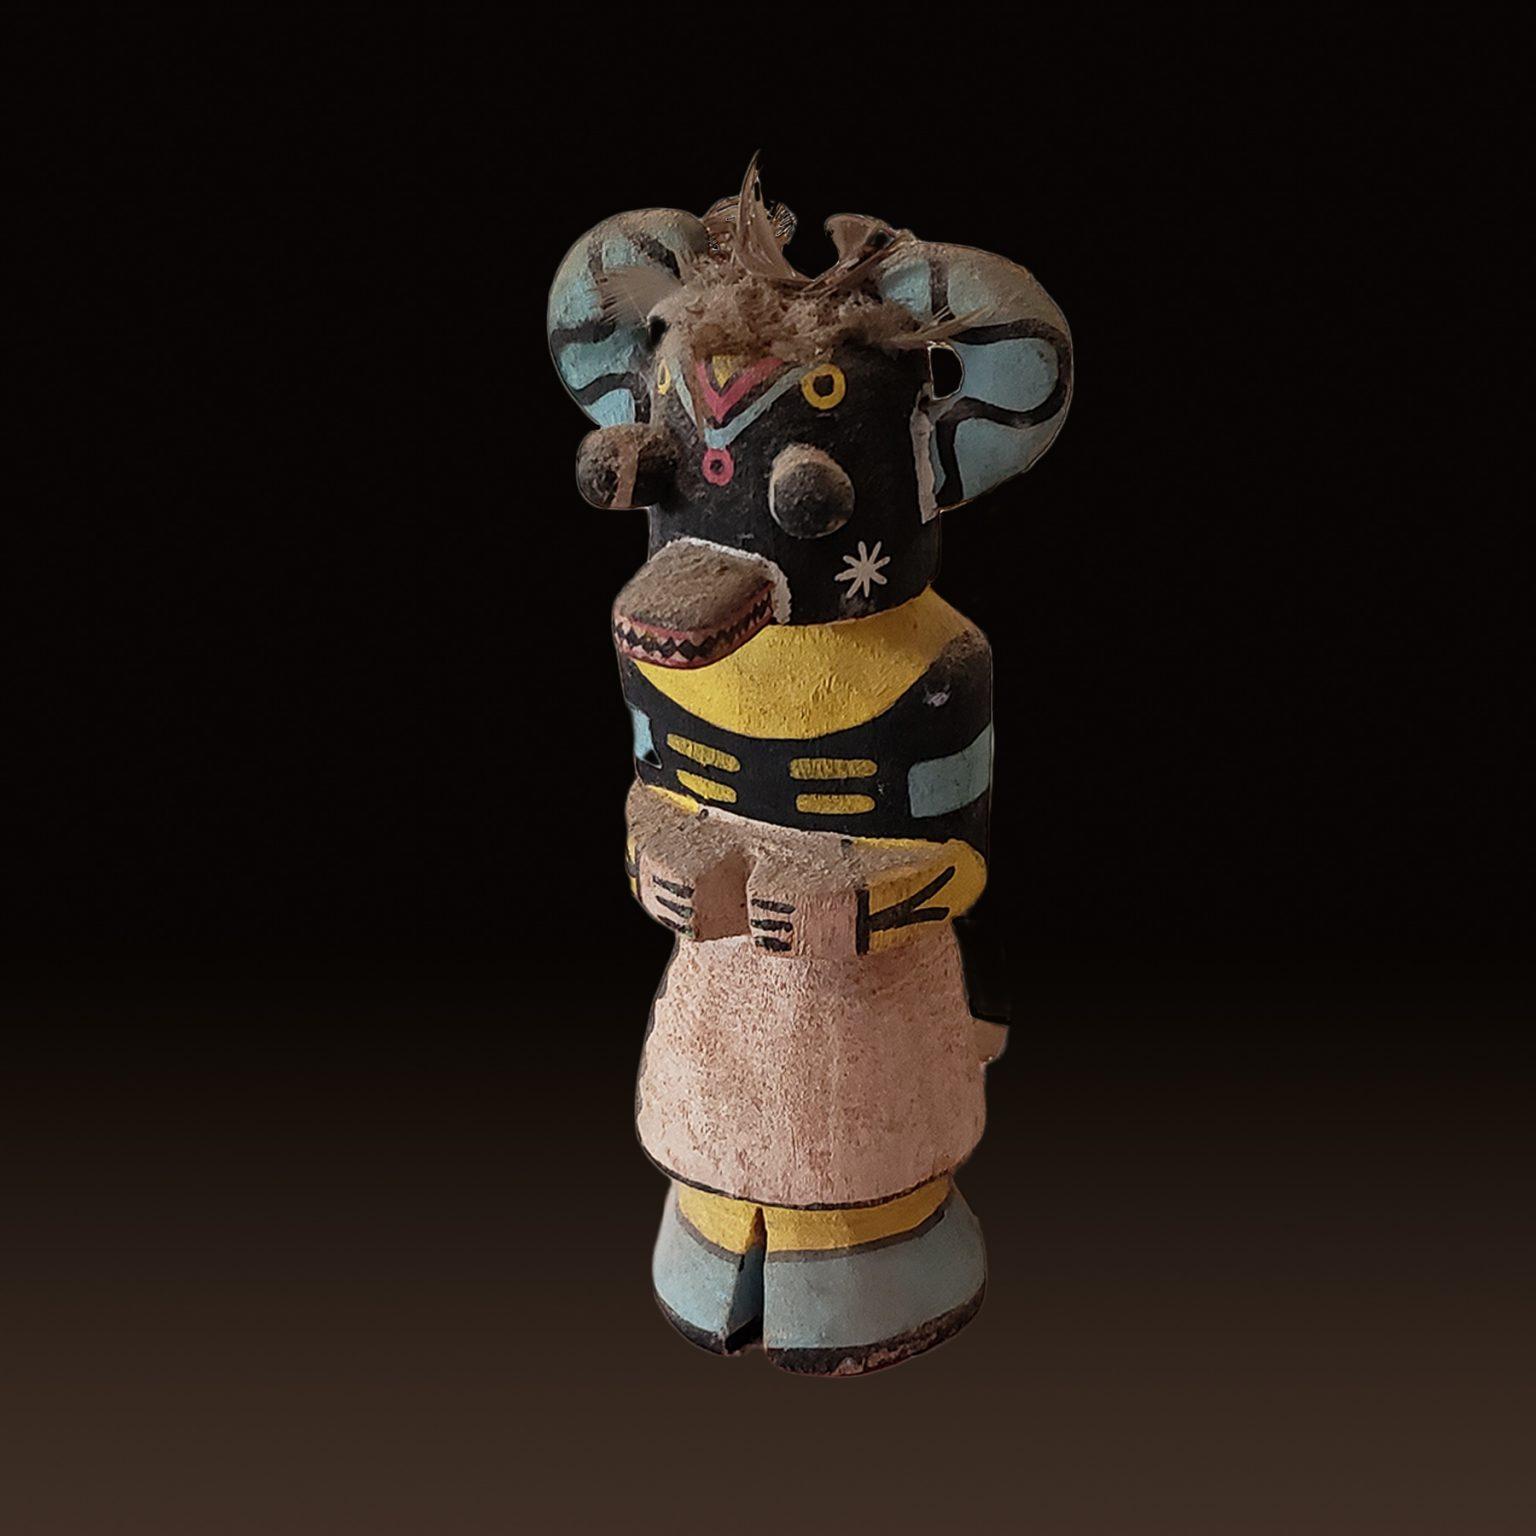 Jimmy Kewanwytewa kachina doll